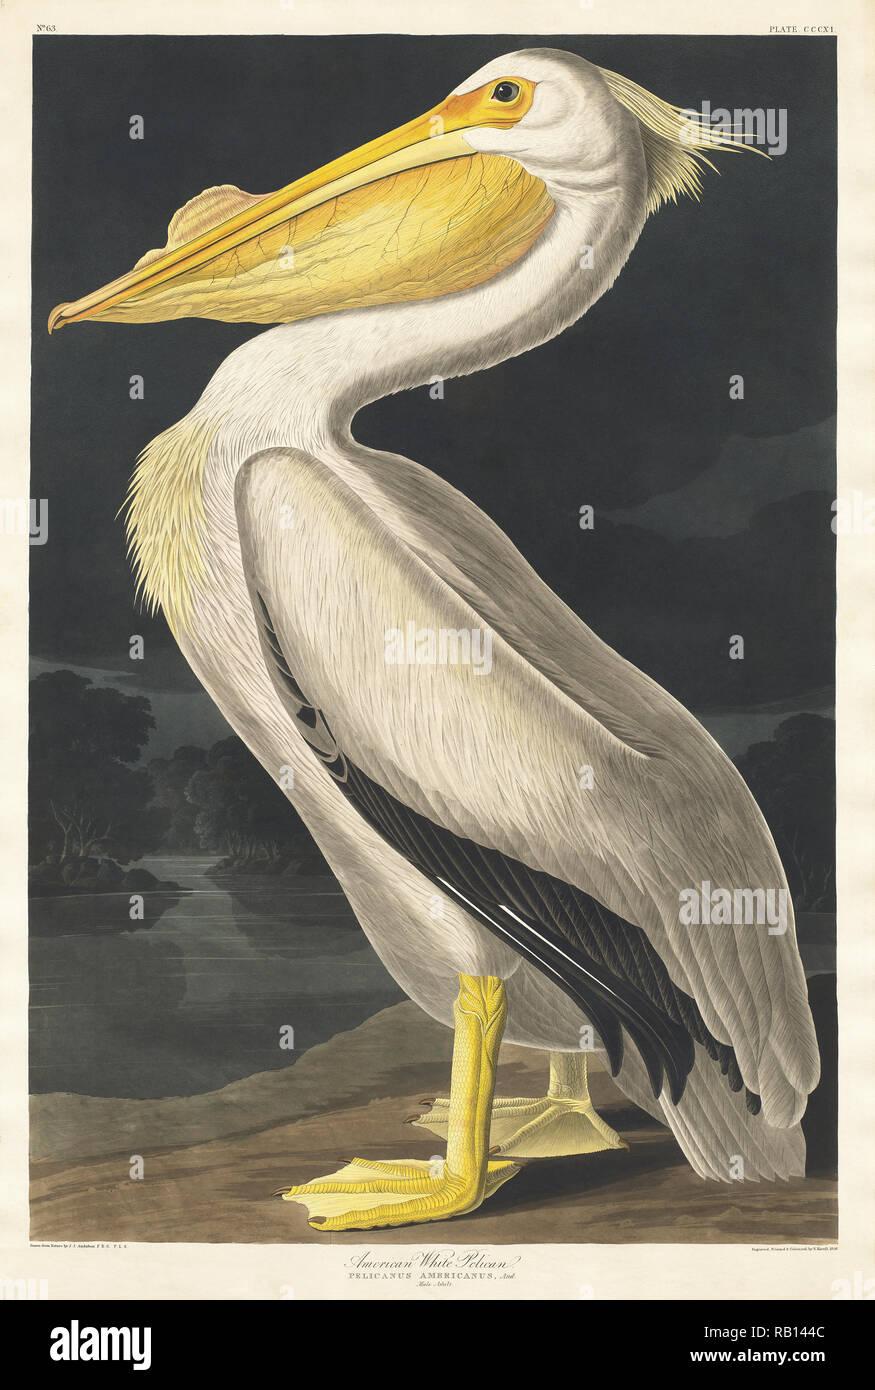 American White Pelican von Vögel von Amerika (1827) von John James Audubon (1785-1851), geätzt von Robert Havell (1793-1878). Die ursprüngliche Vögel von Amerika ist das teuerste Buch der Welt und ein wirklich beeindruckend - Klassiker. Stockbild